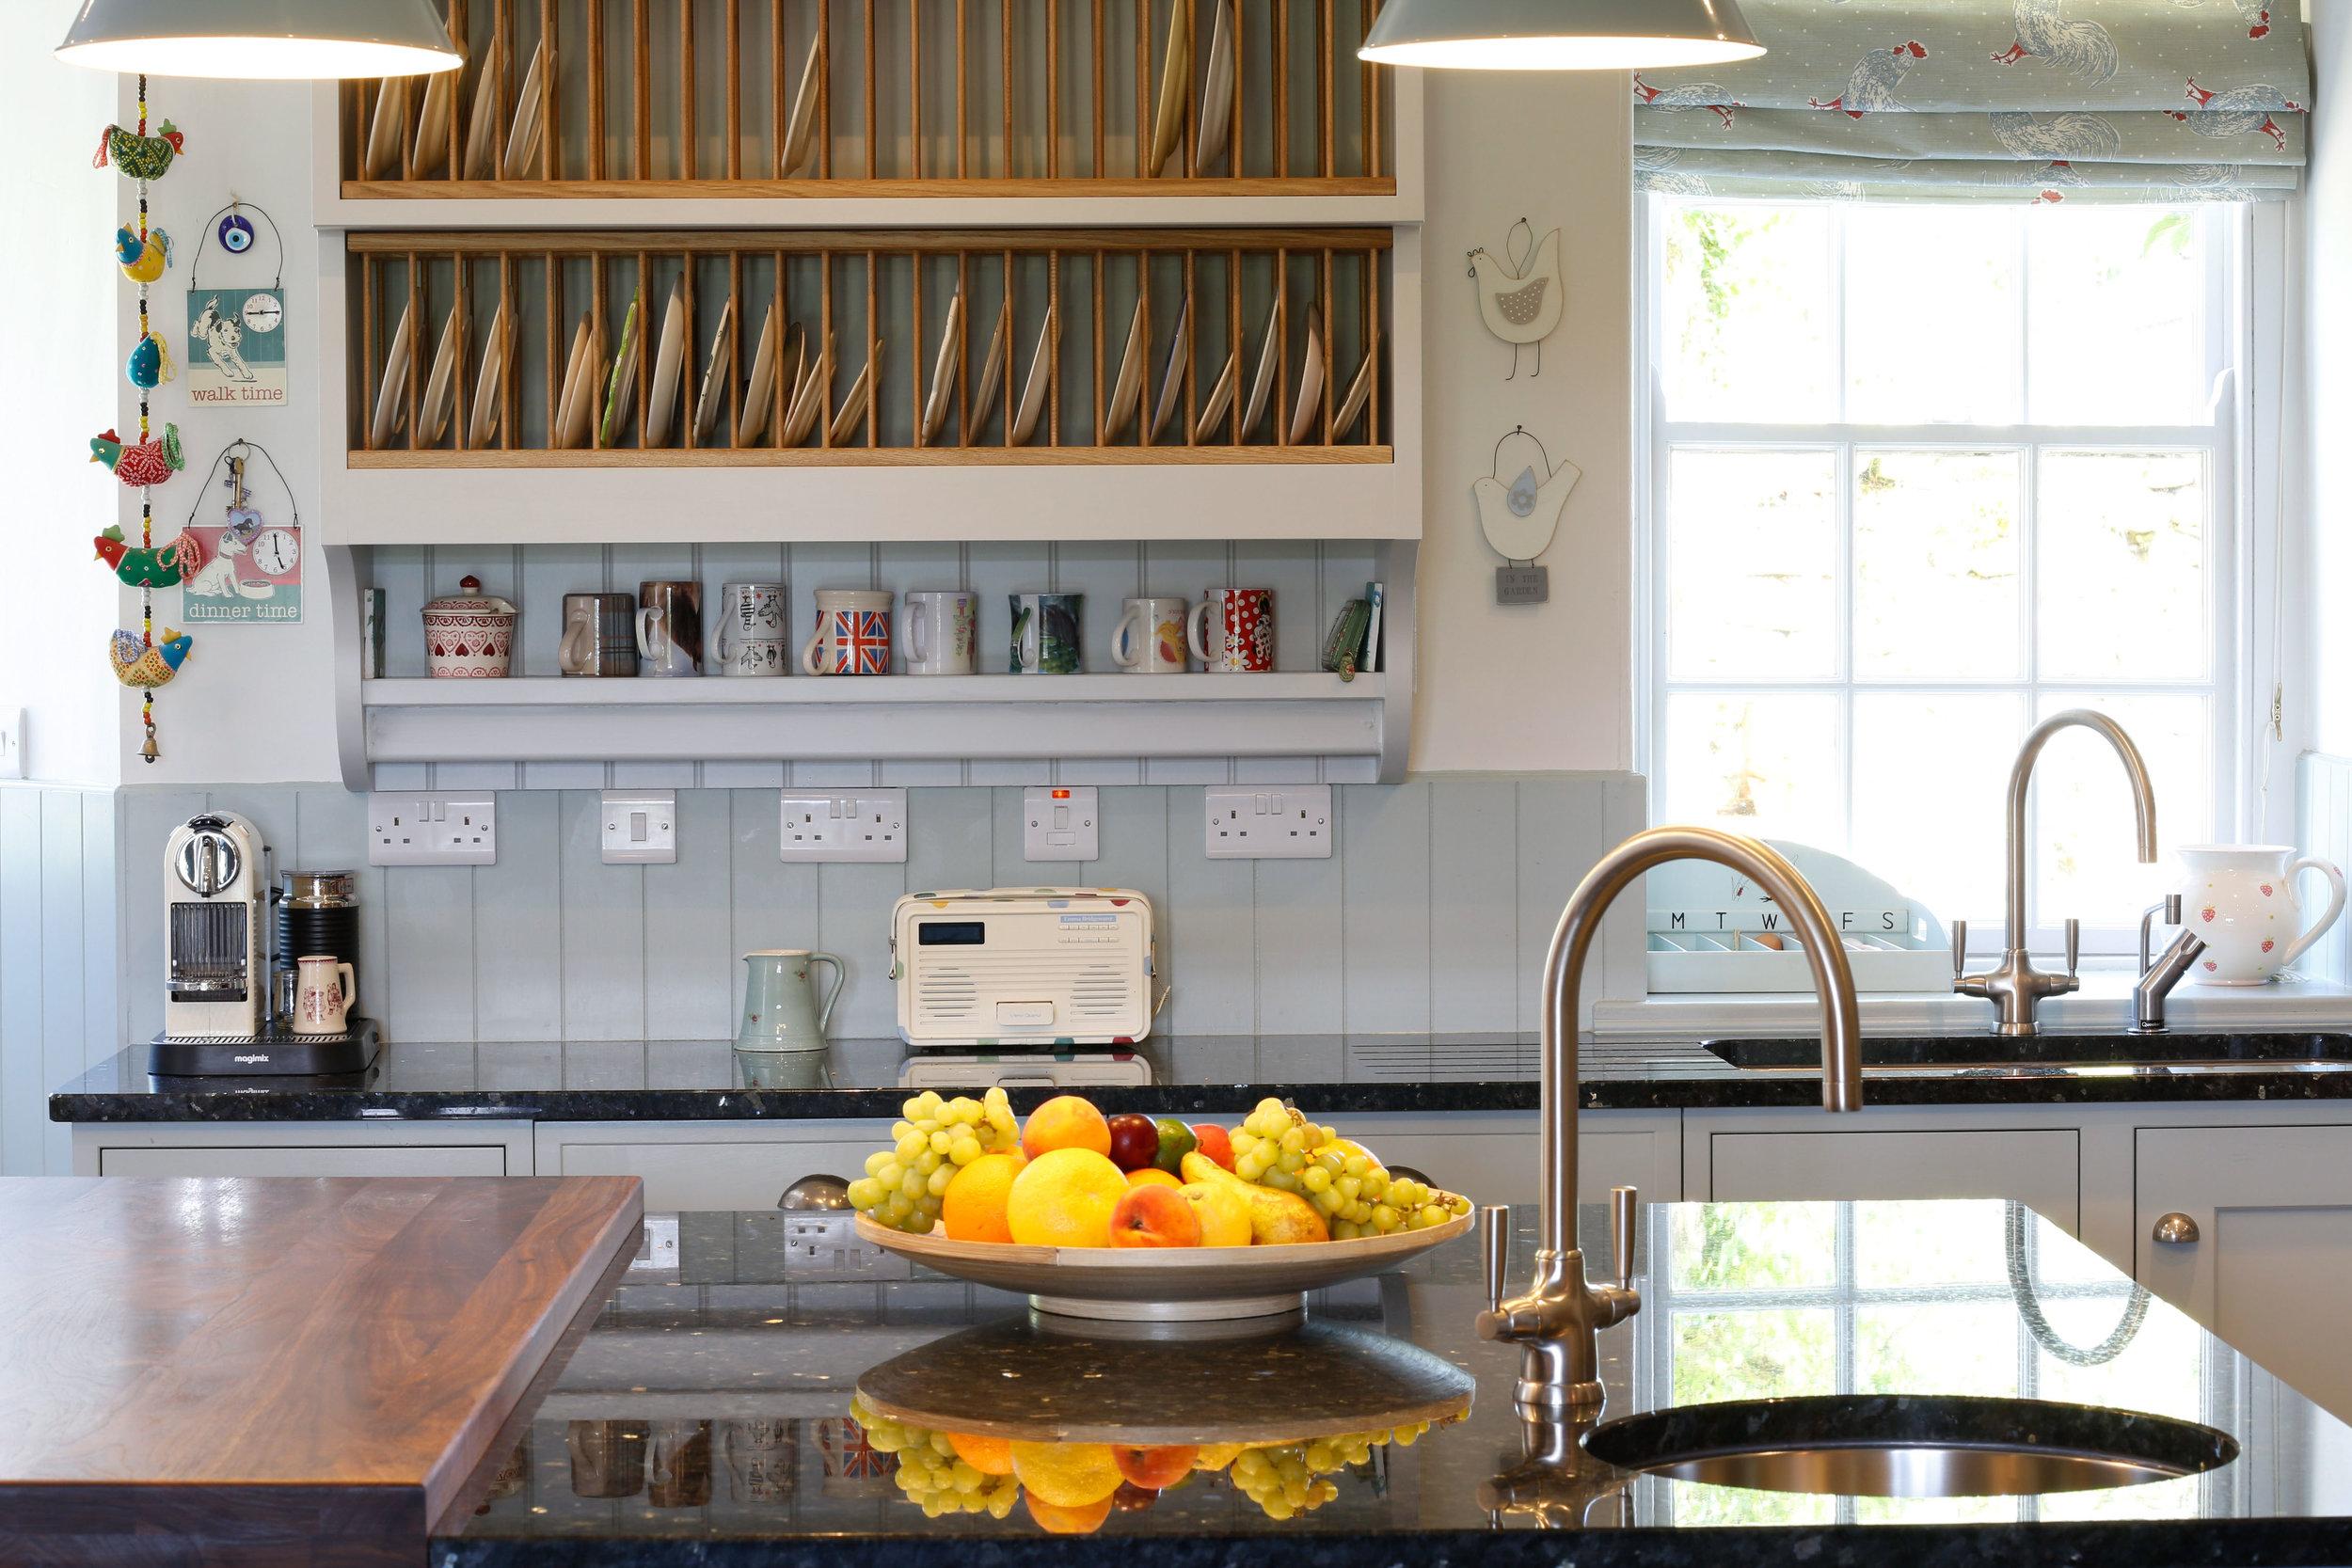 Bespoke kitchen sink detail